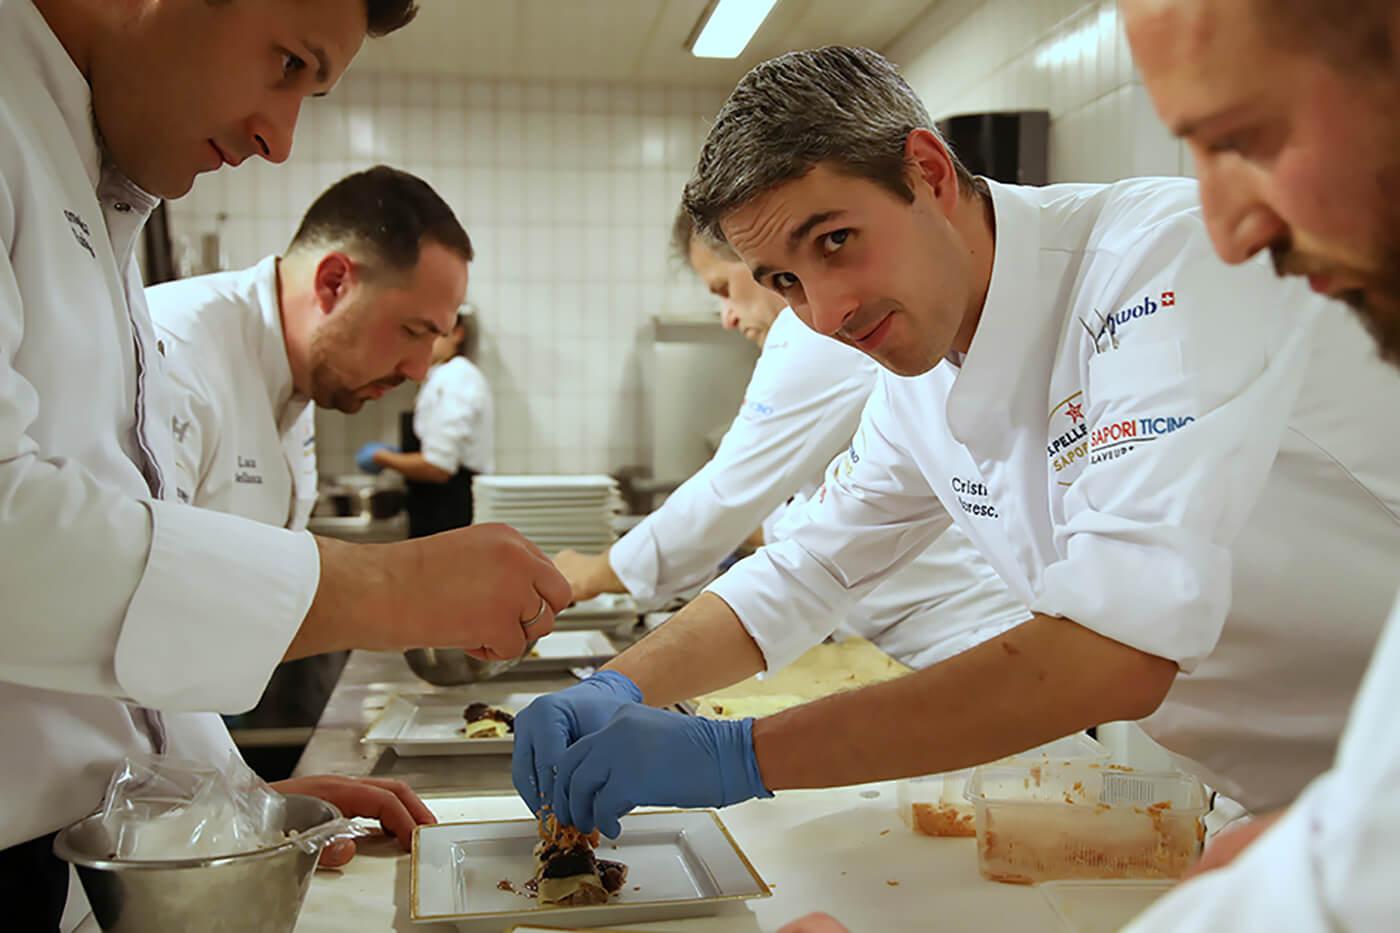 Le Chef Cristian Moreschi diner de lancement du 13e S. Pellegrino Sapori Ticino